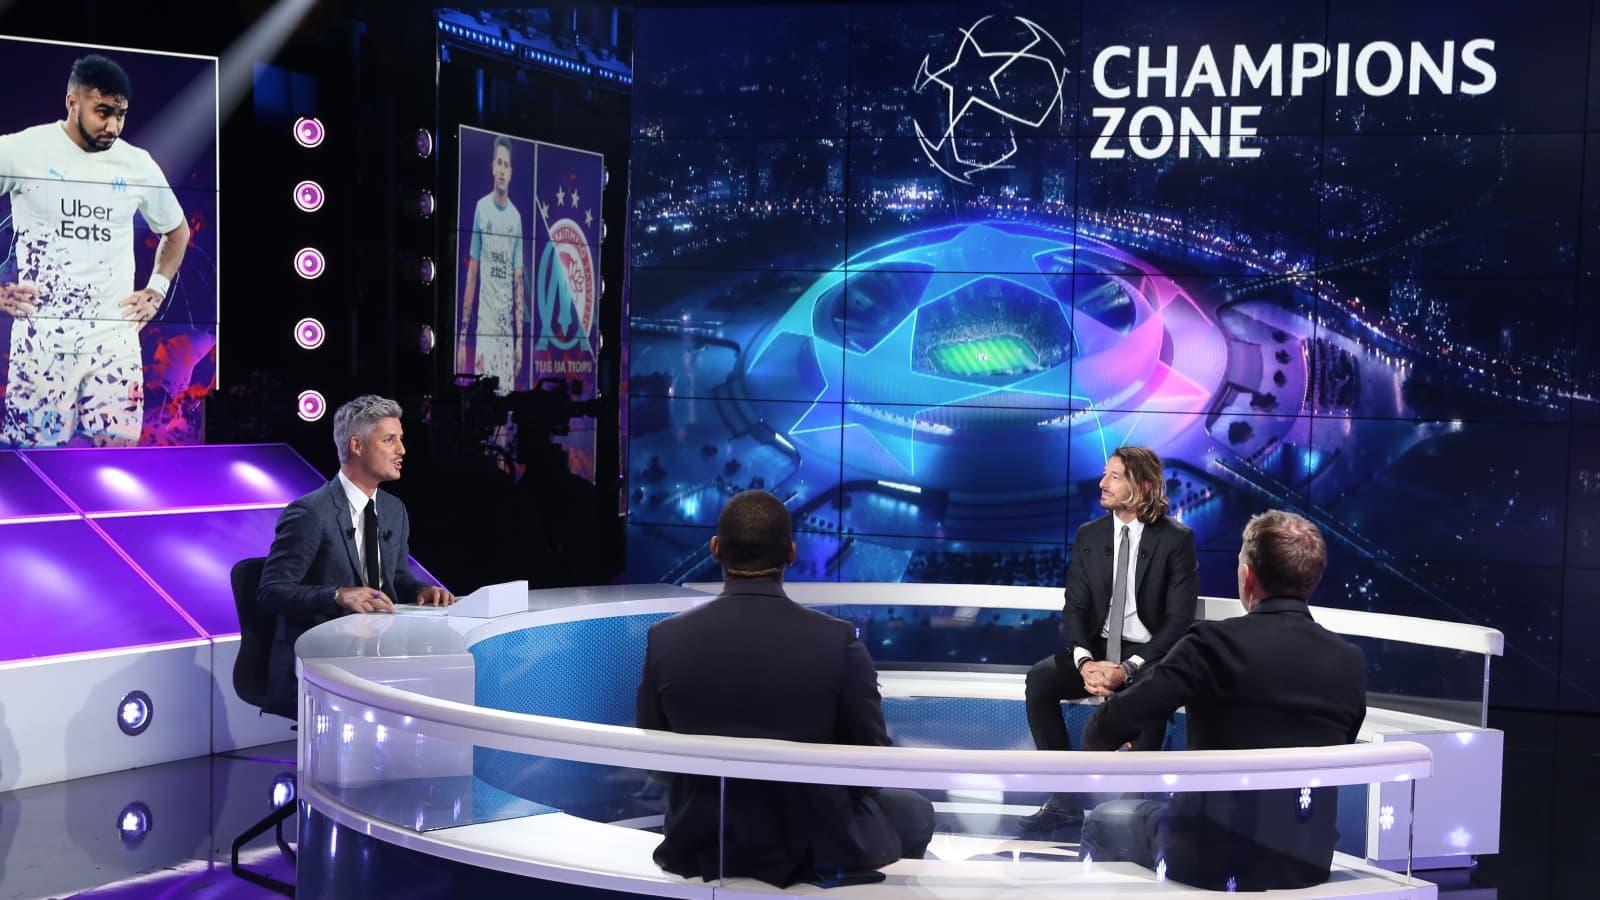 Entrez dans la Champions Zone sur RMC Sport